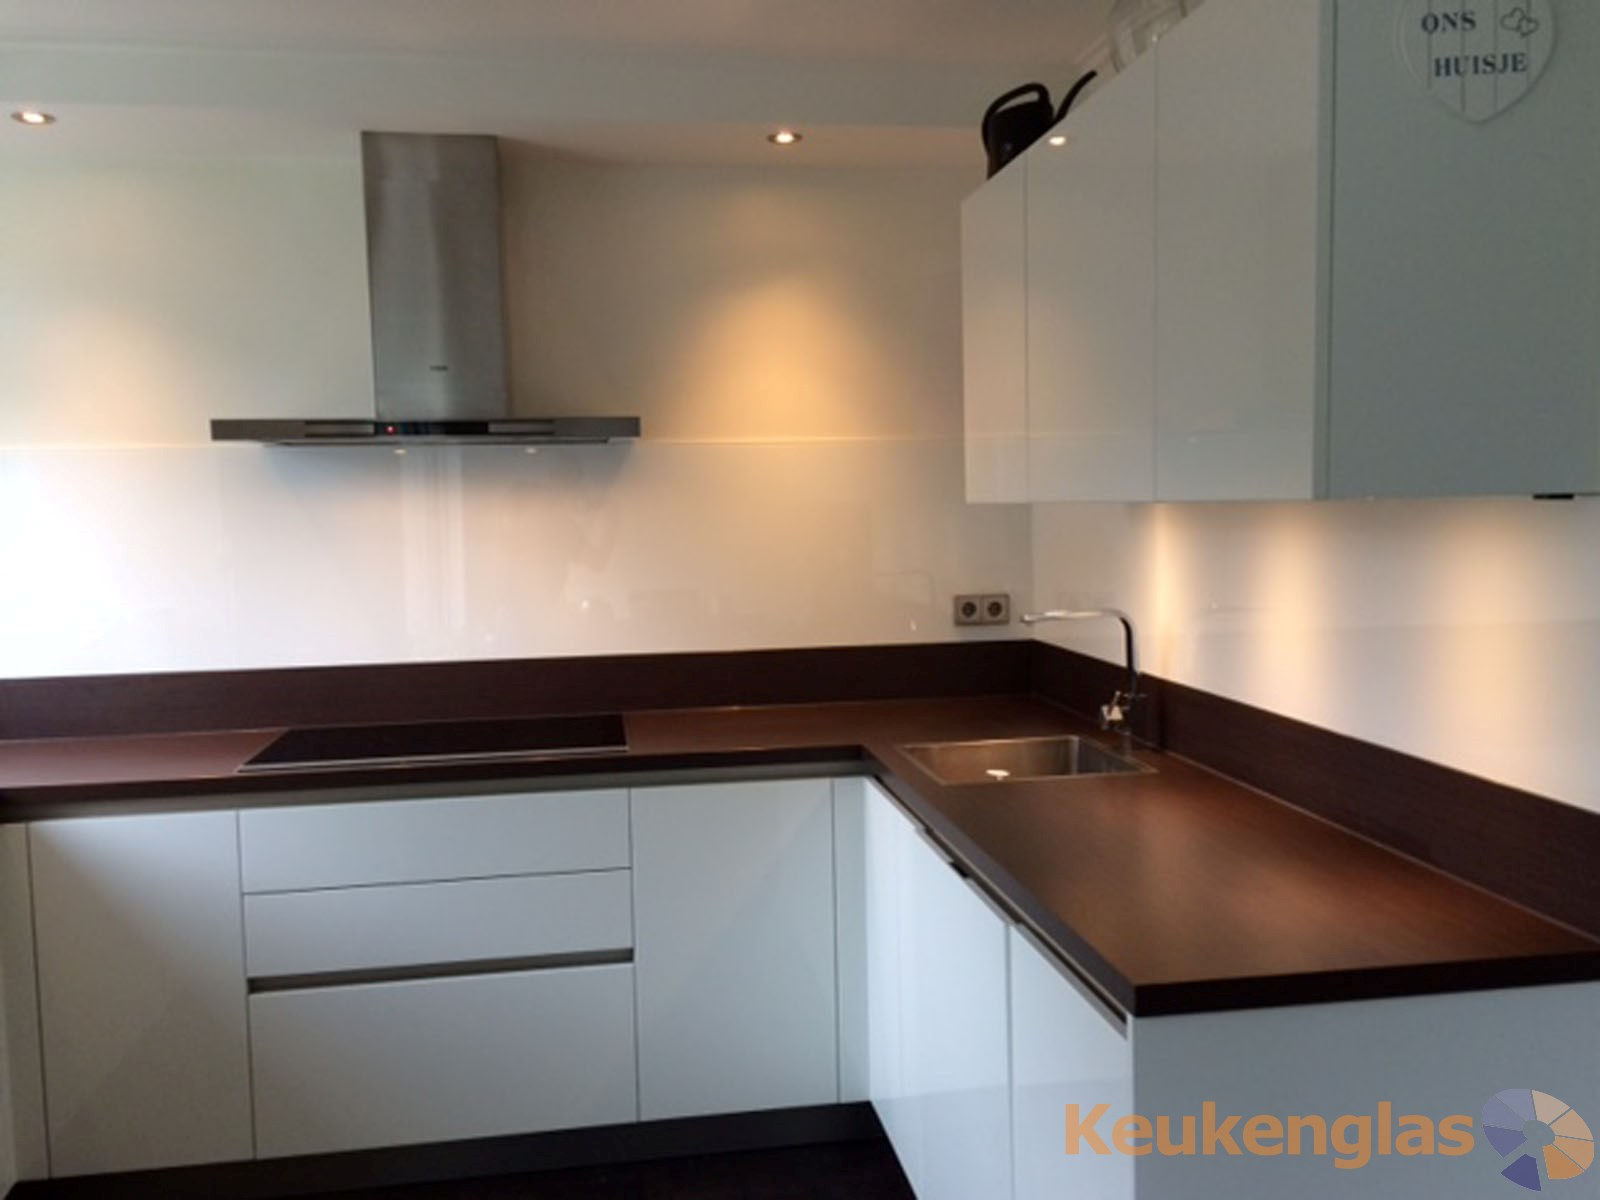 Witte keuken achterwand van glas in dordrecht keukenglas - Keuken wit en groen ...